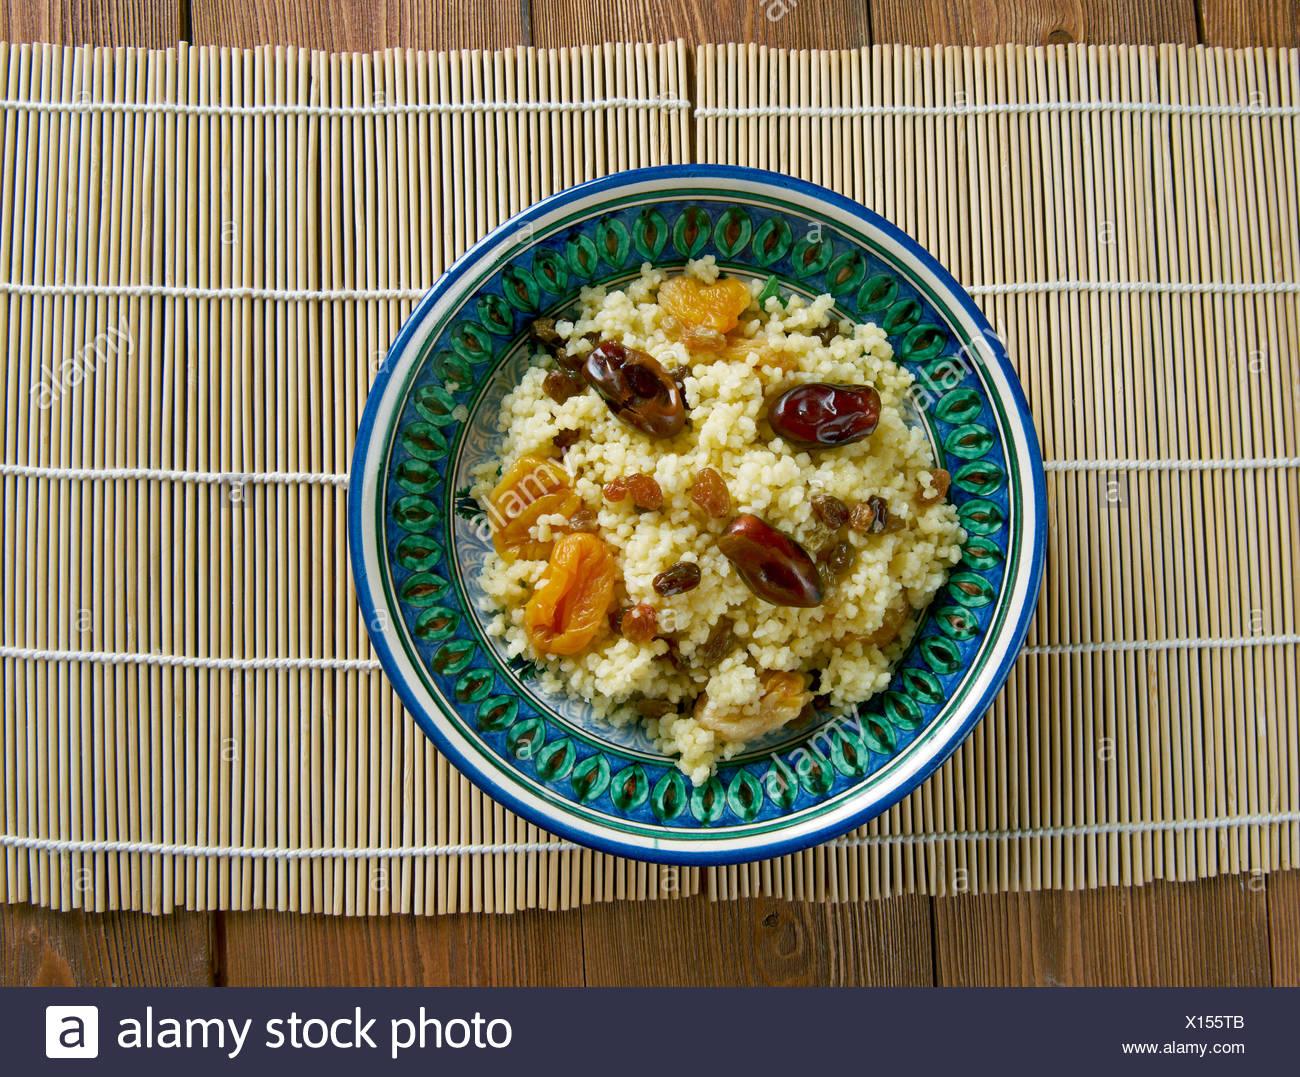 Mauritania dish  couscous - Stock Image